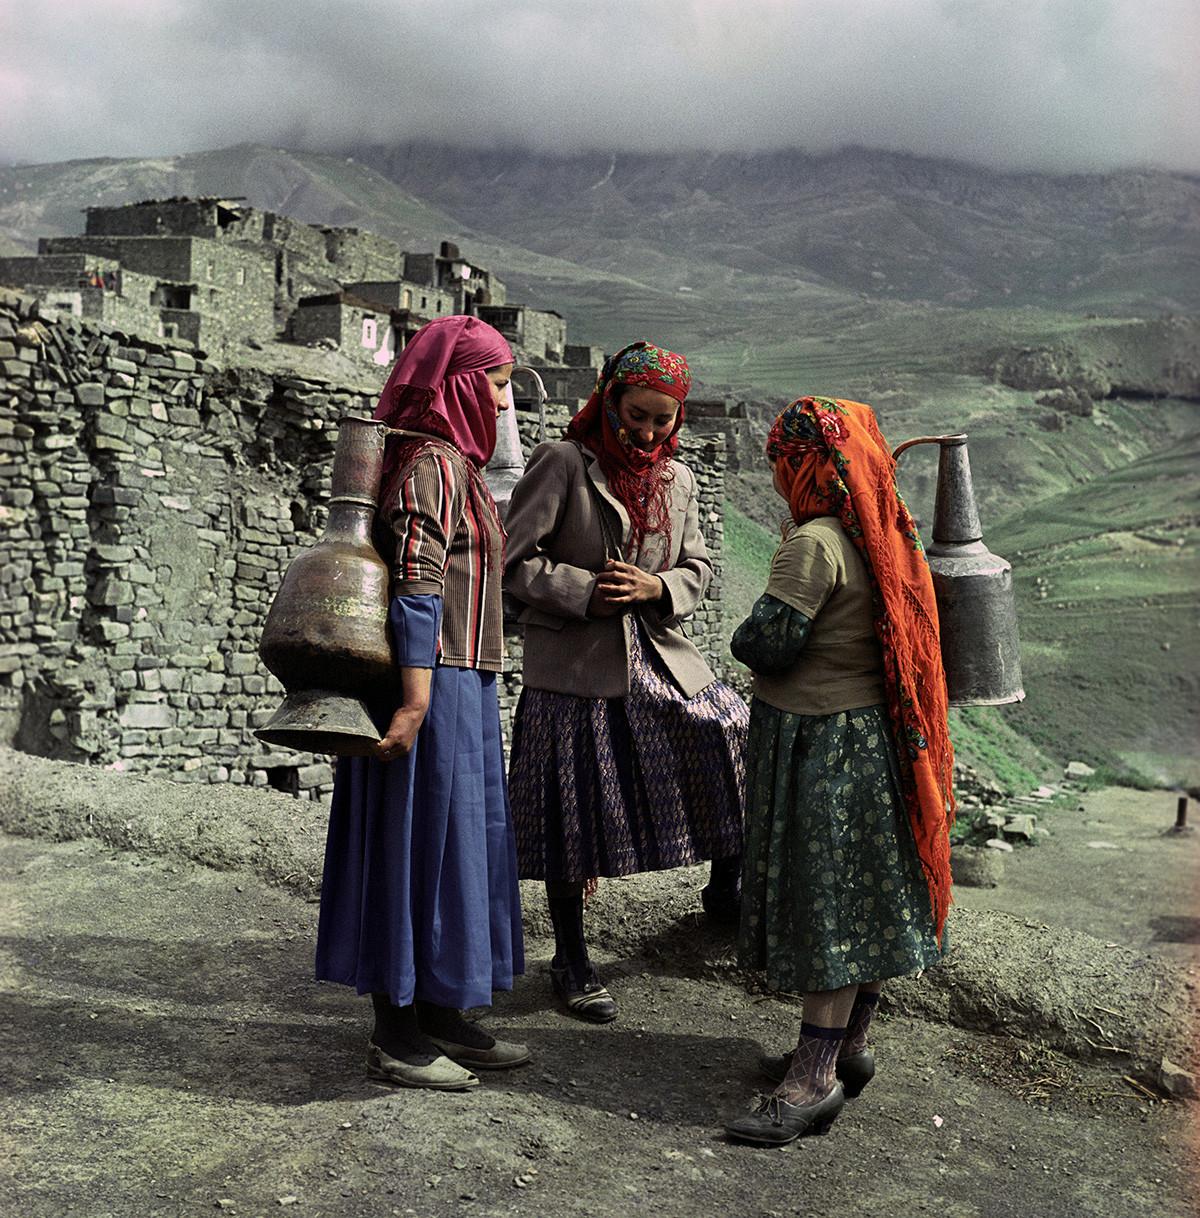 Mulheres azeris em uma vila na montanha